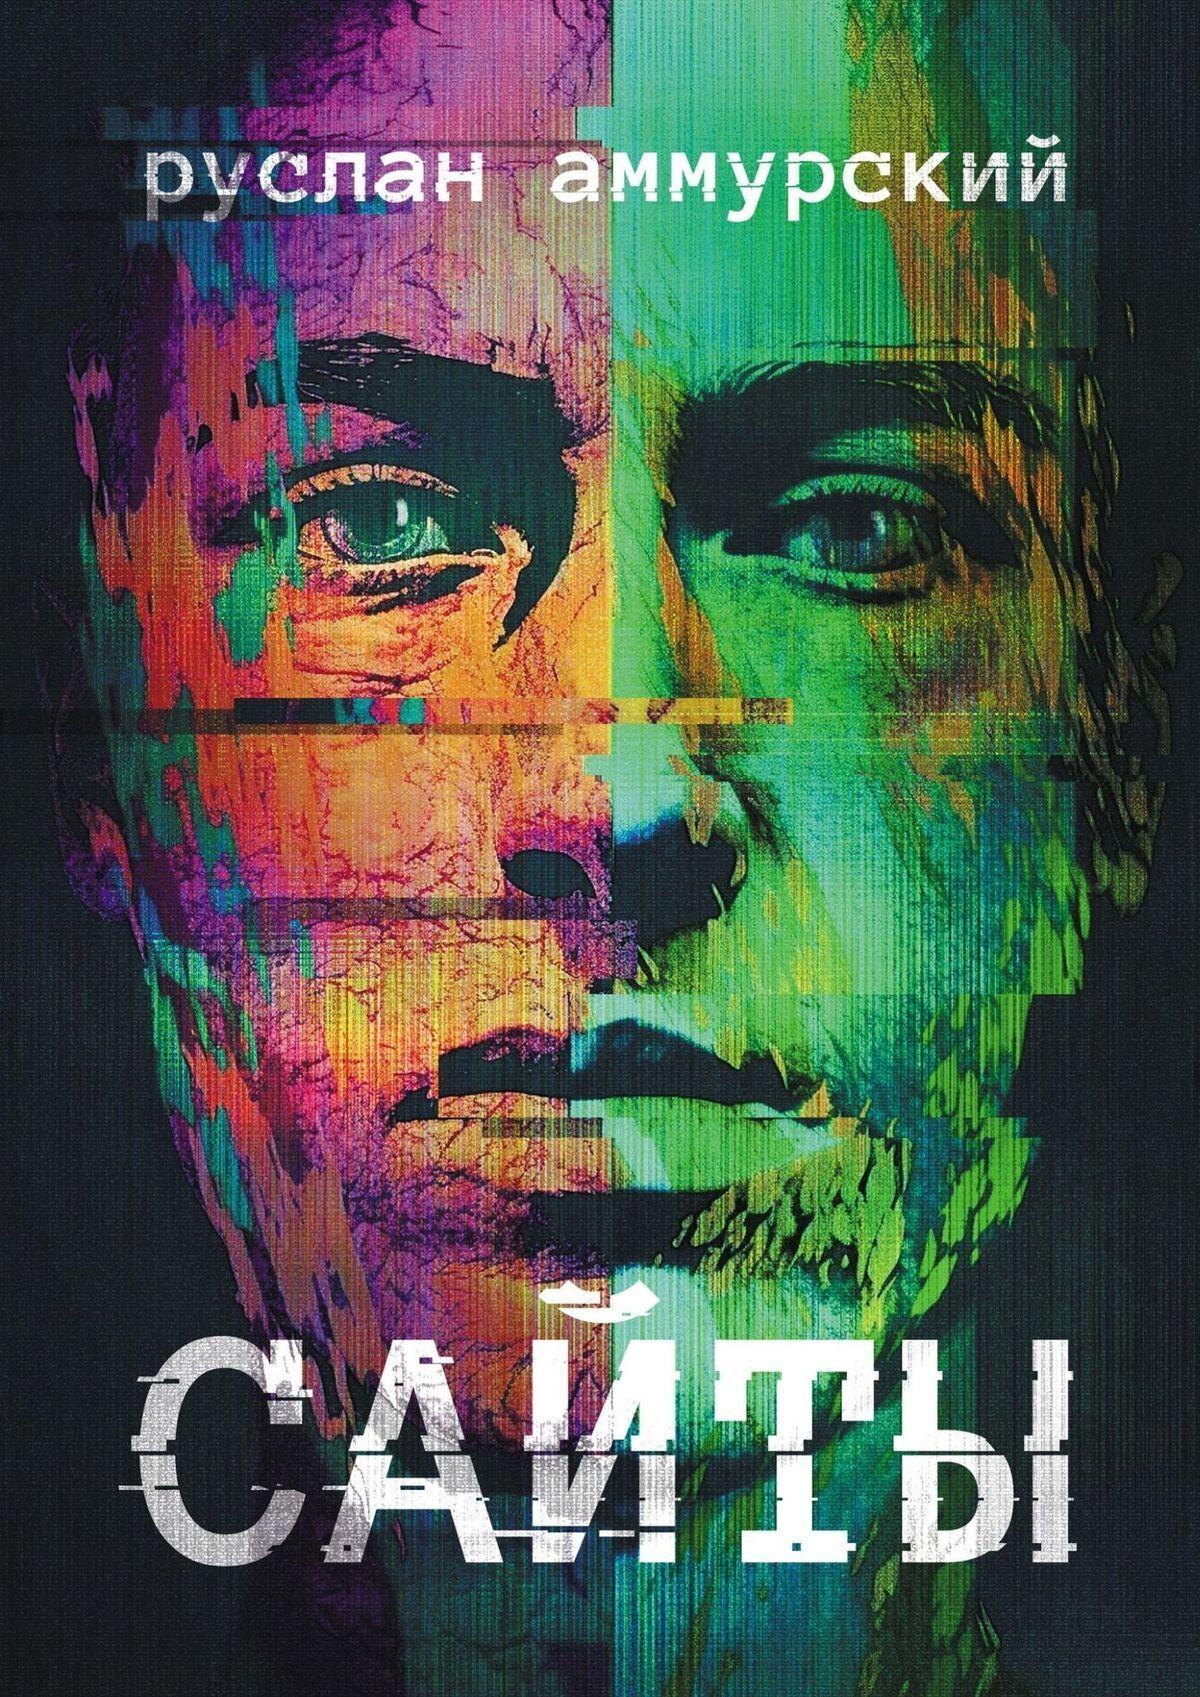 Руслан Аммурский Сайты. История одного посещения